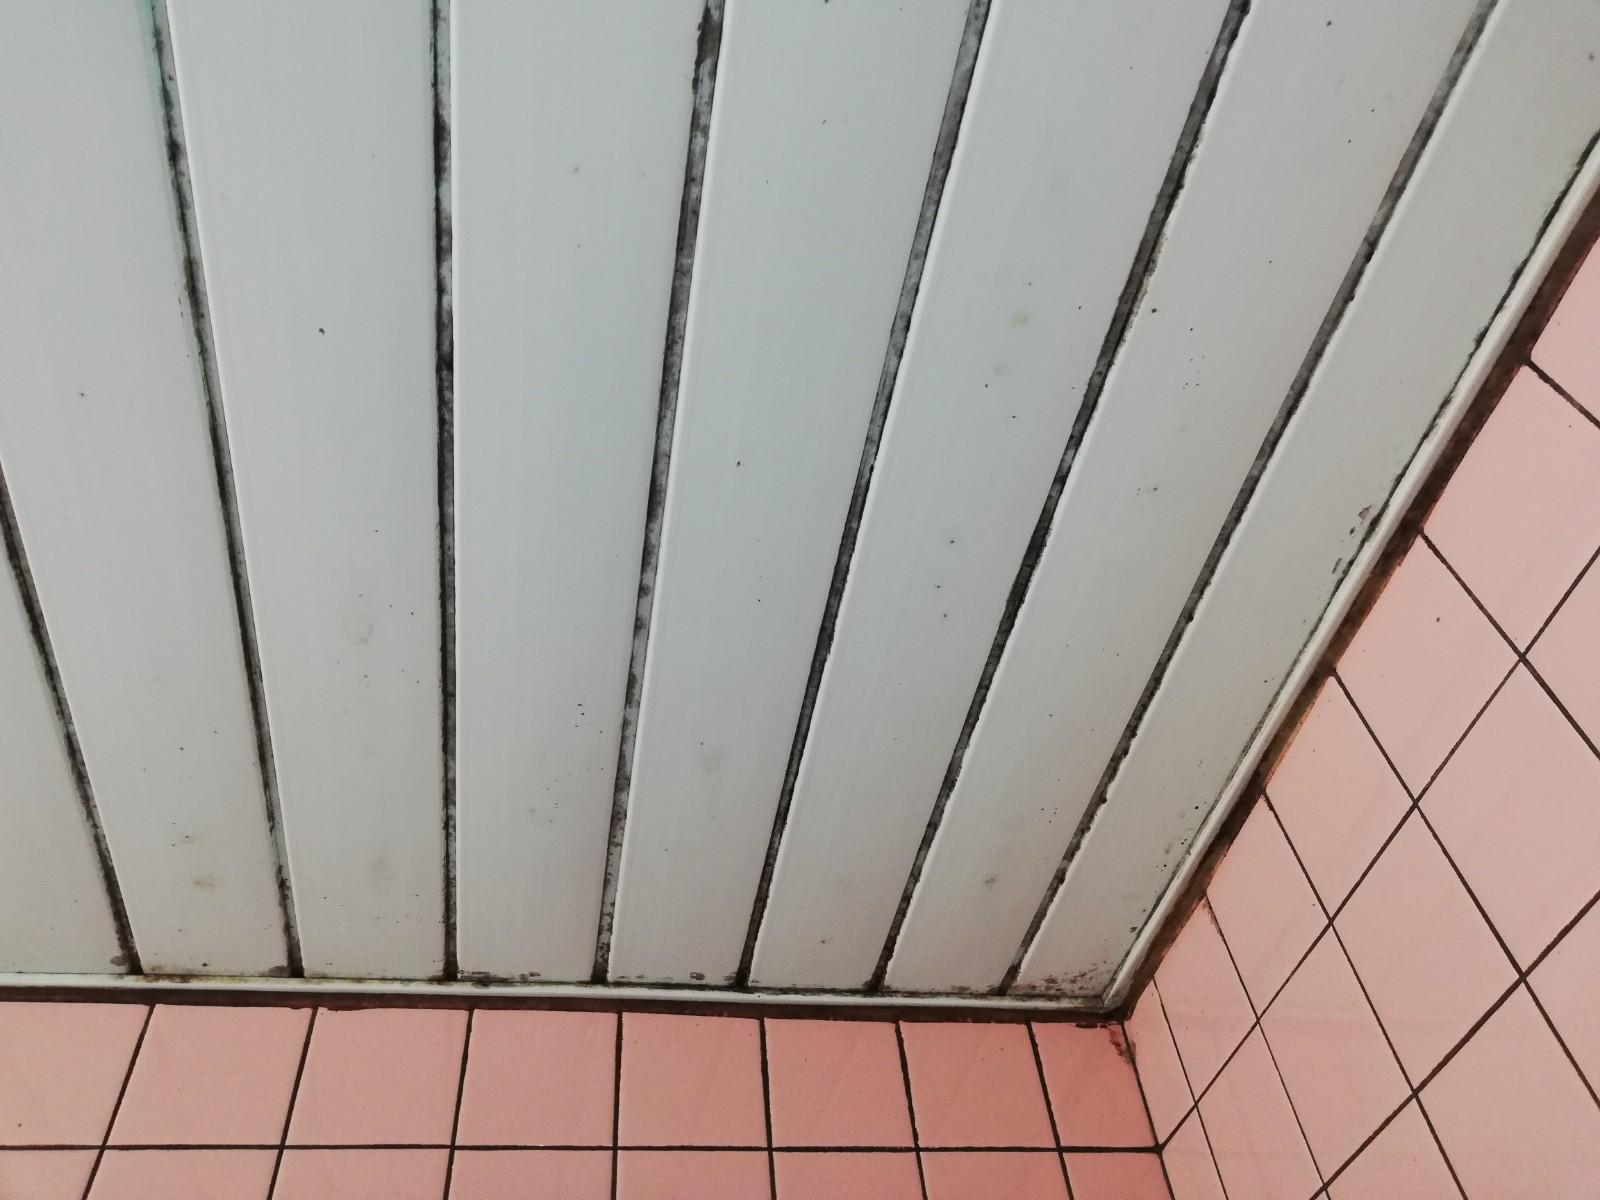 浴室の天井のカビが気になって仕方ない!キレイになりますか?Before